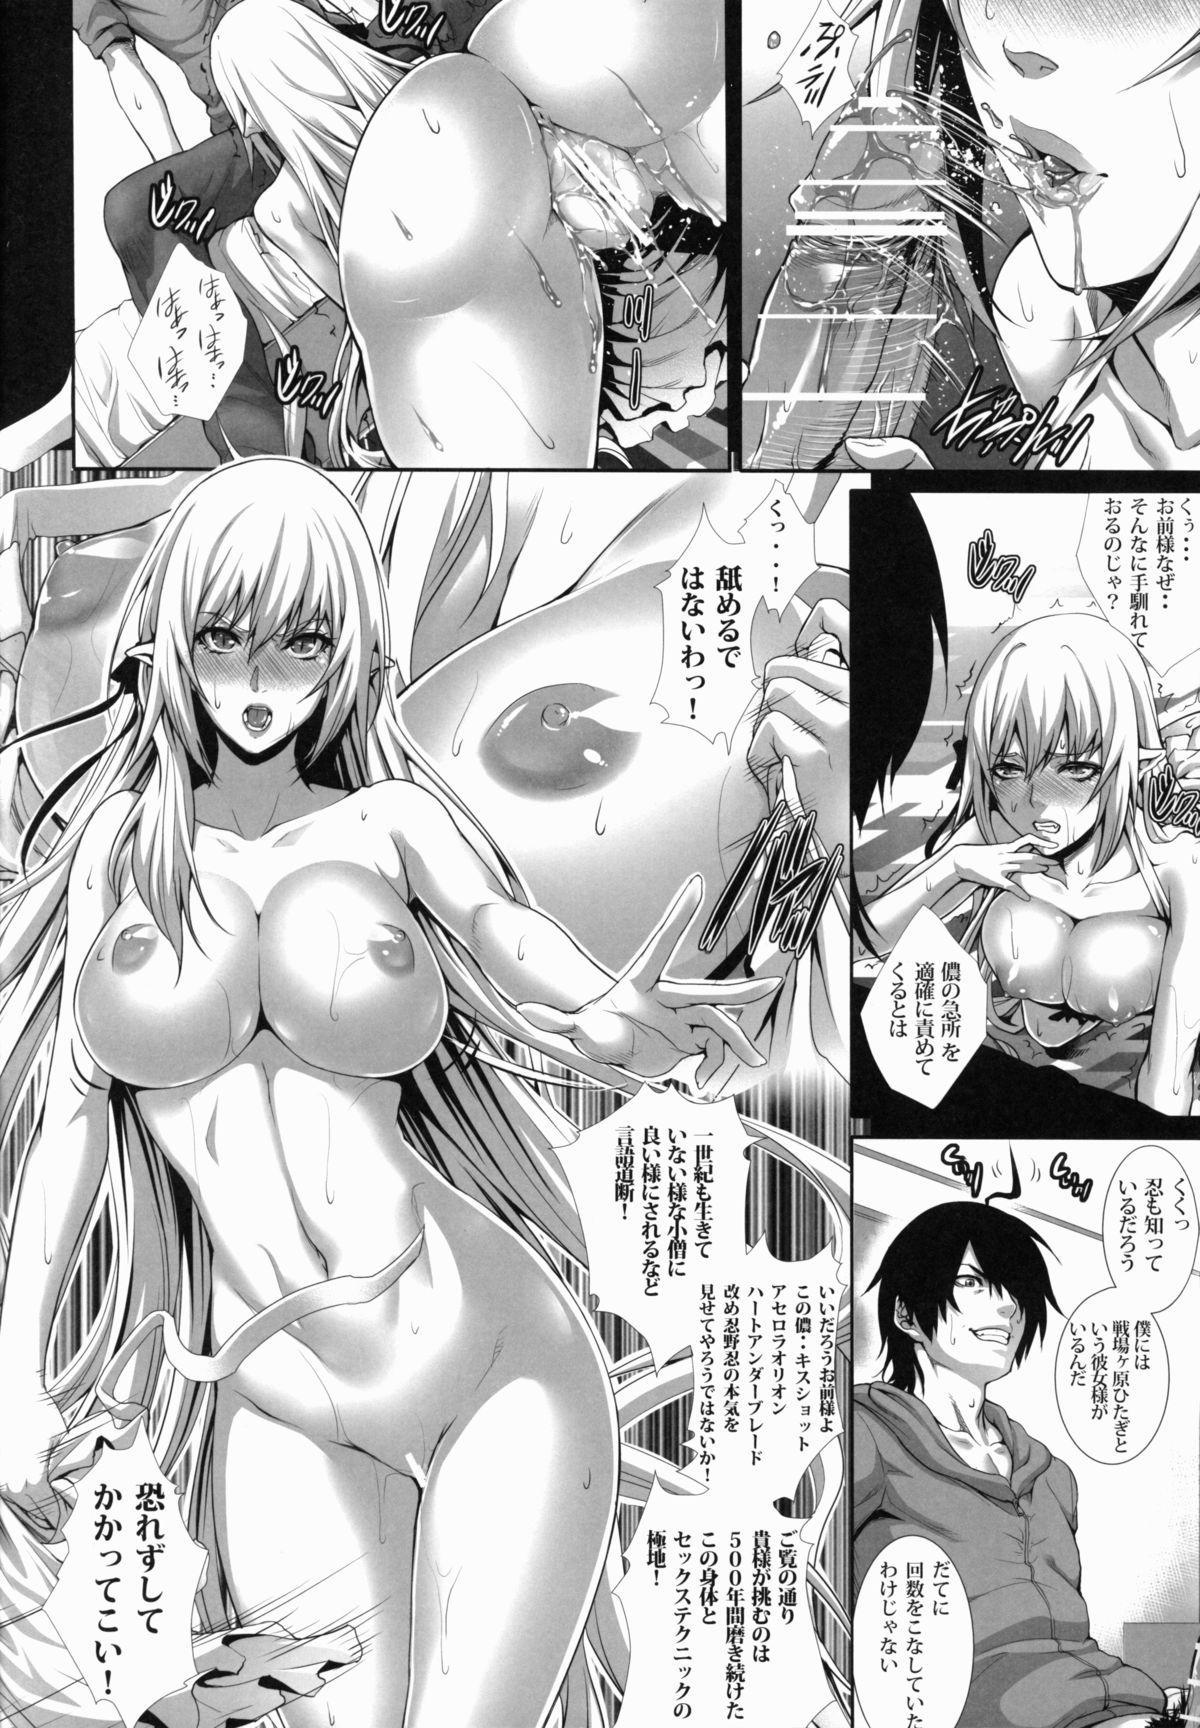 Kyuuketsuki no Kyuuketsu Koui 9